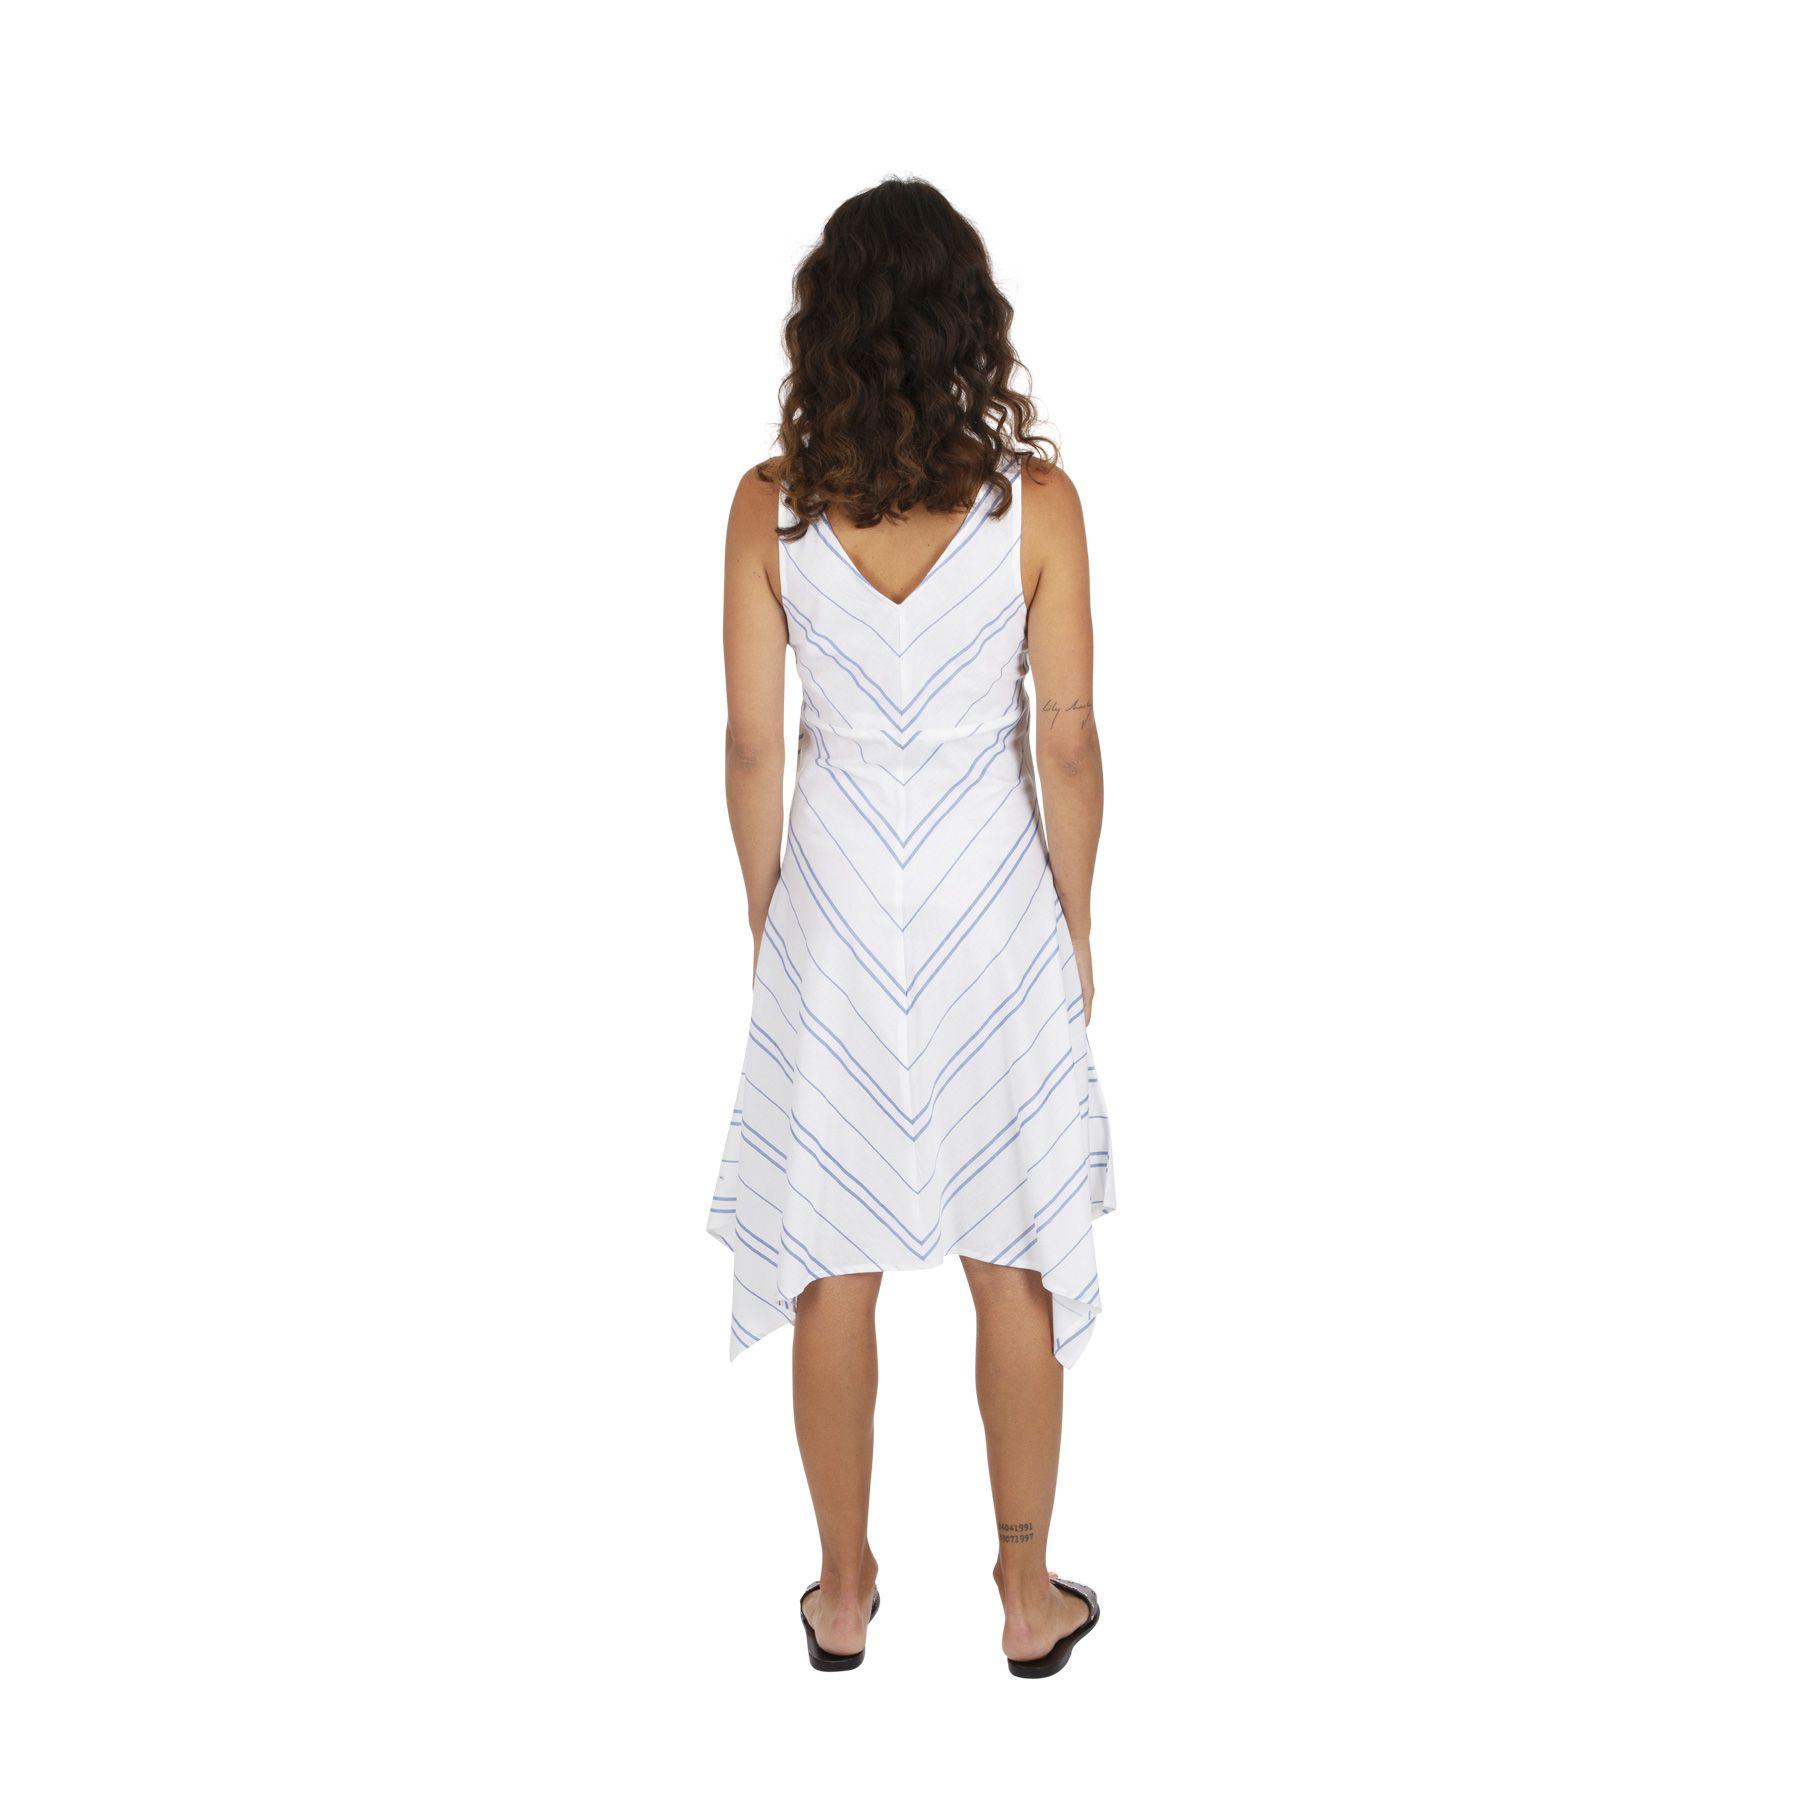 Robe asymétrique mi longue blanche pour mariage originale Colina